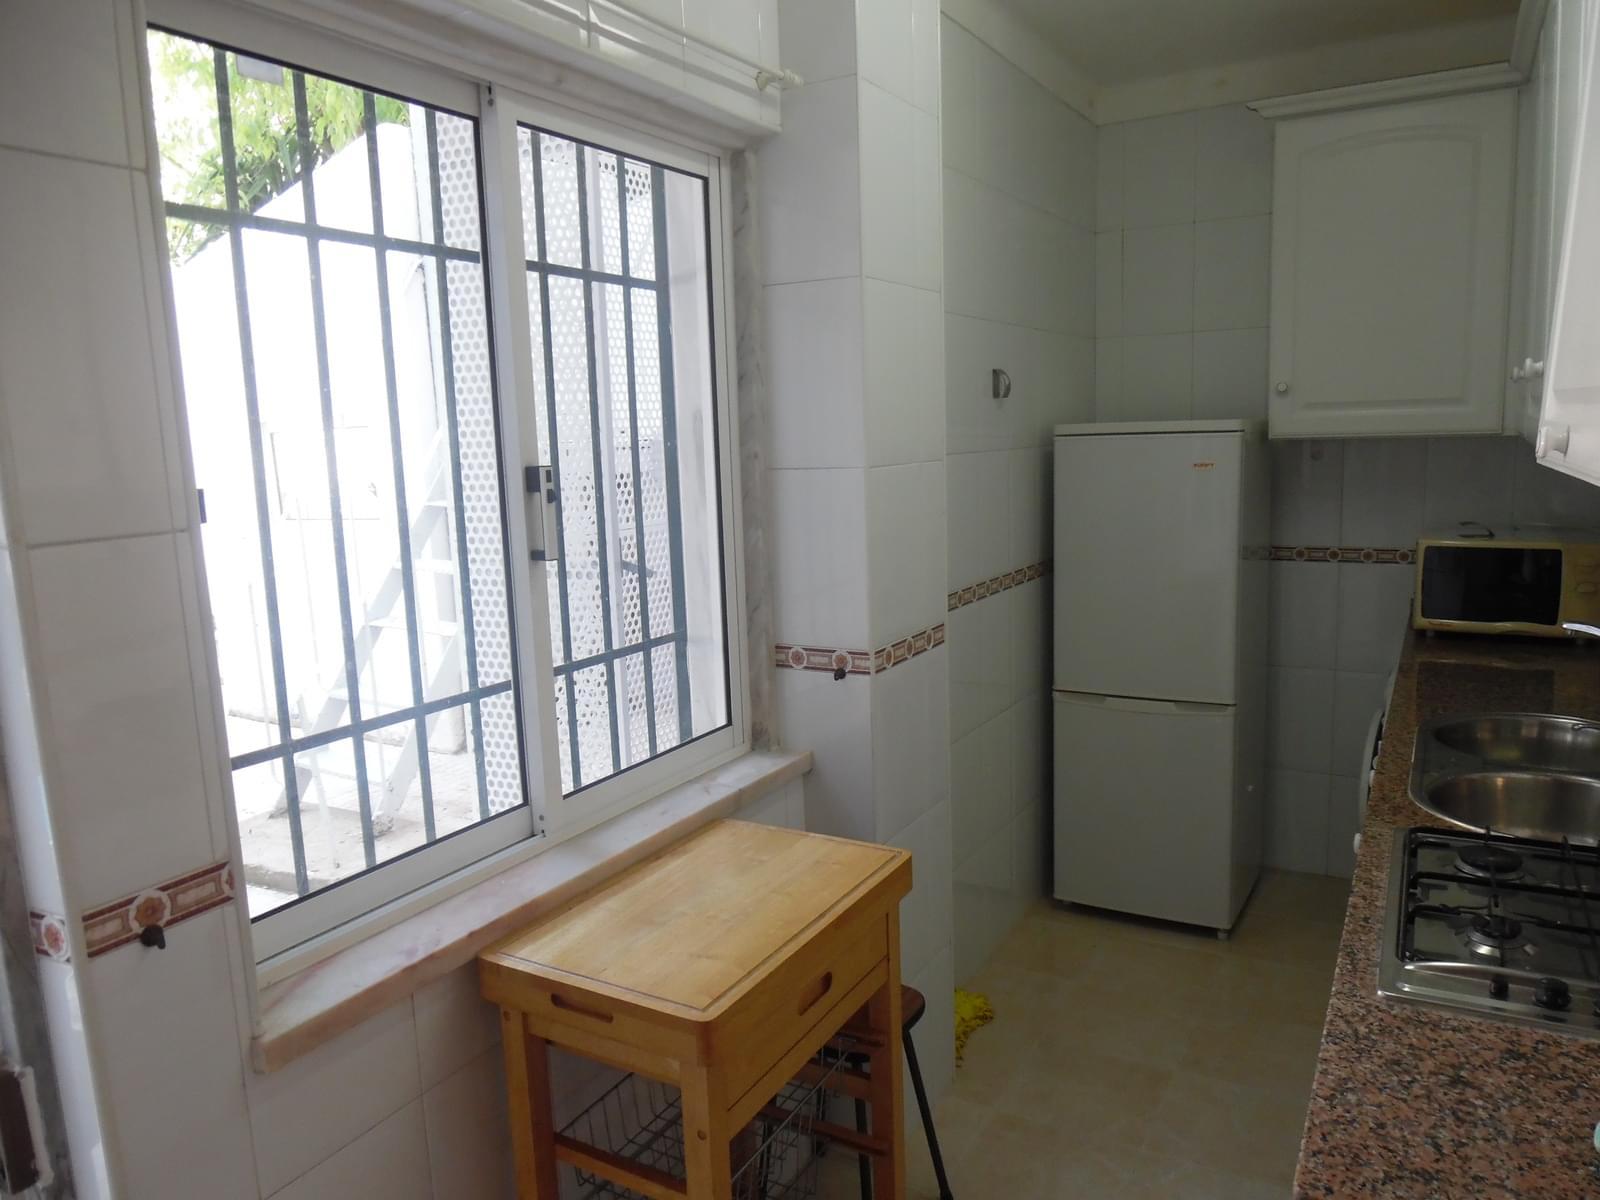 pf17147-apartamento-t2-lisboa-46d9277b-5bd0-4691-9994-892cfff0ecad